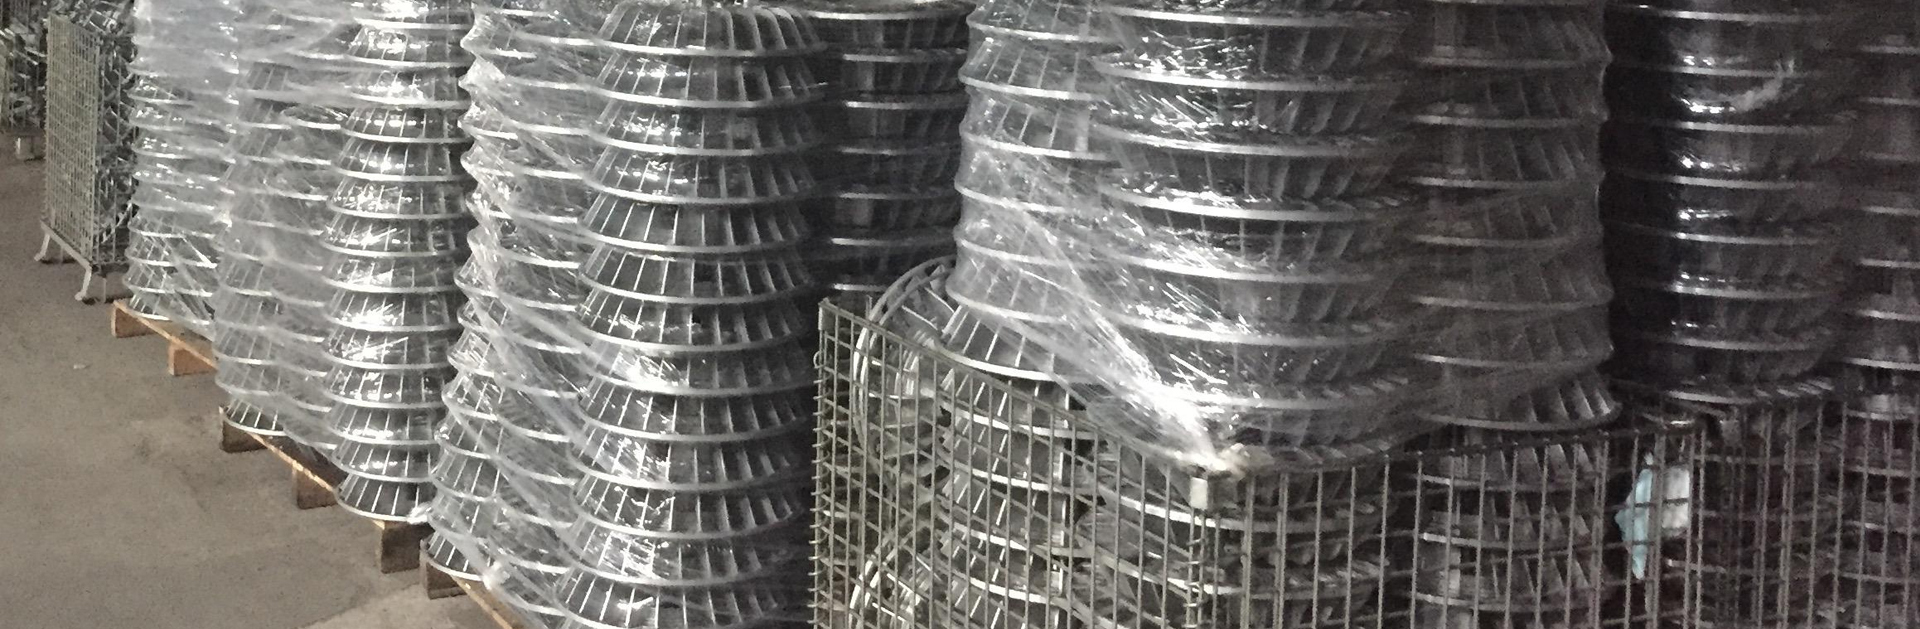 Aluminium Heatsink Die Casting Moetsi - Sinks ea Mocheso o Tloaelehileng